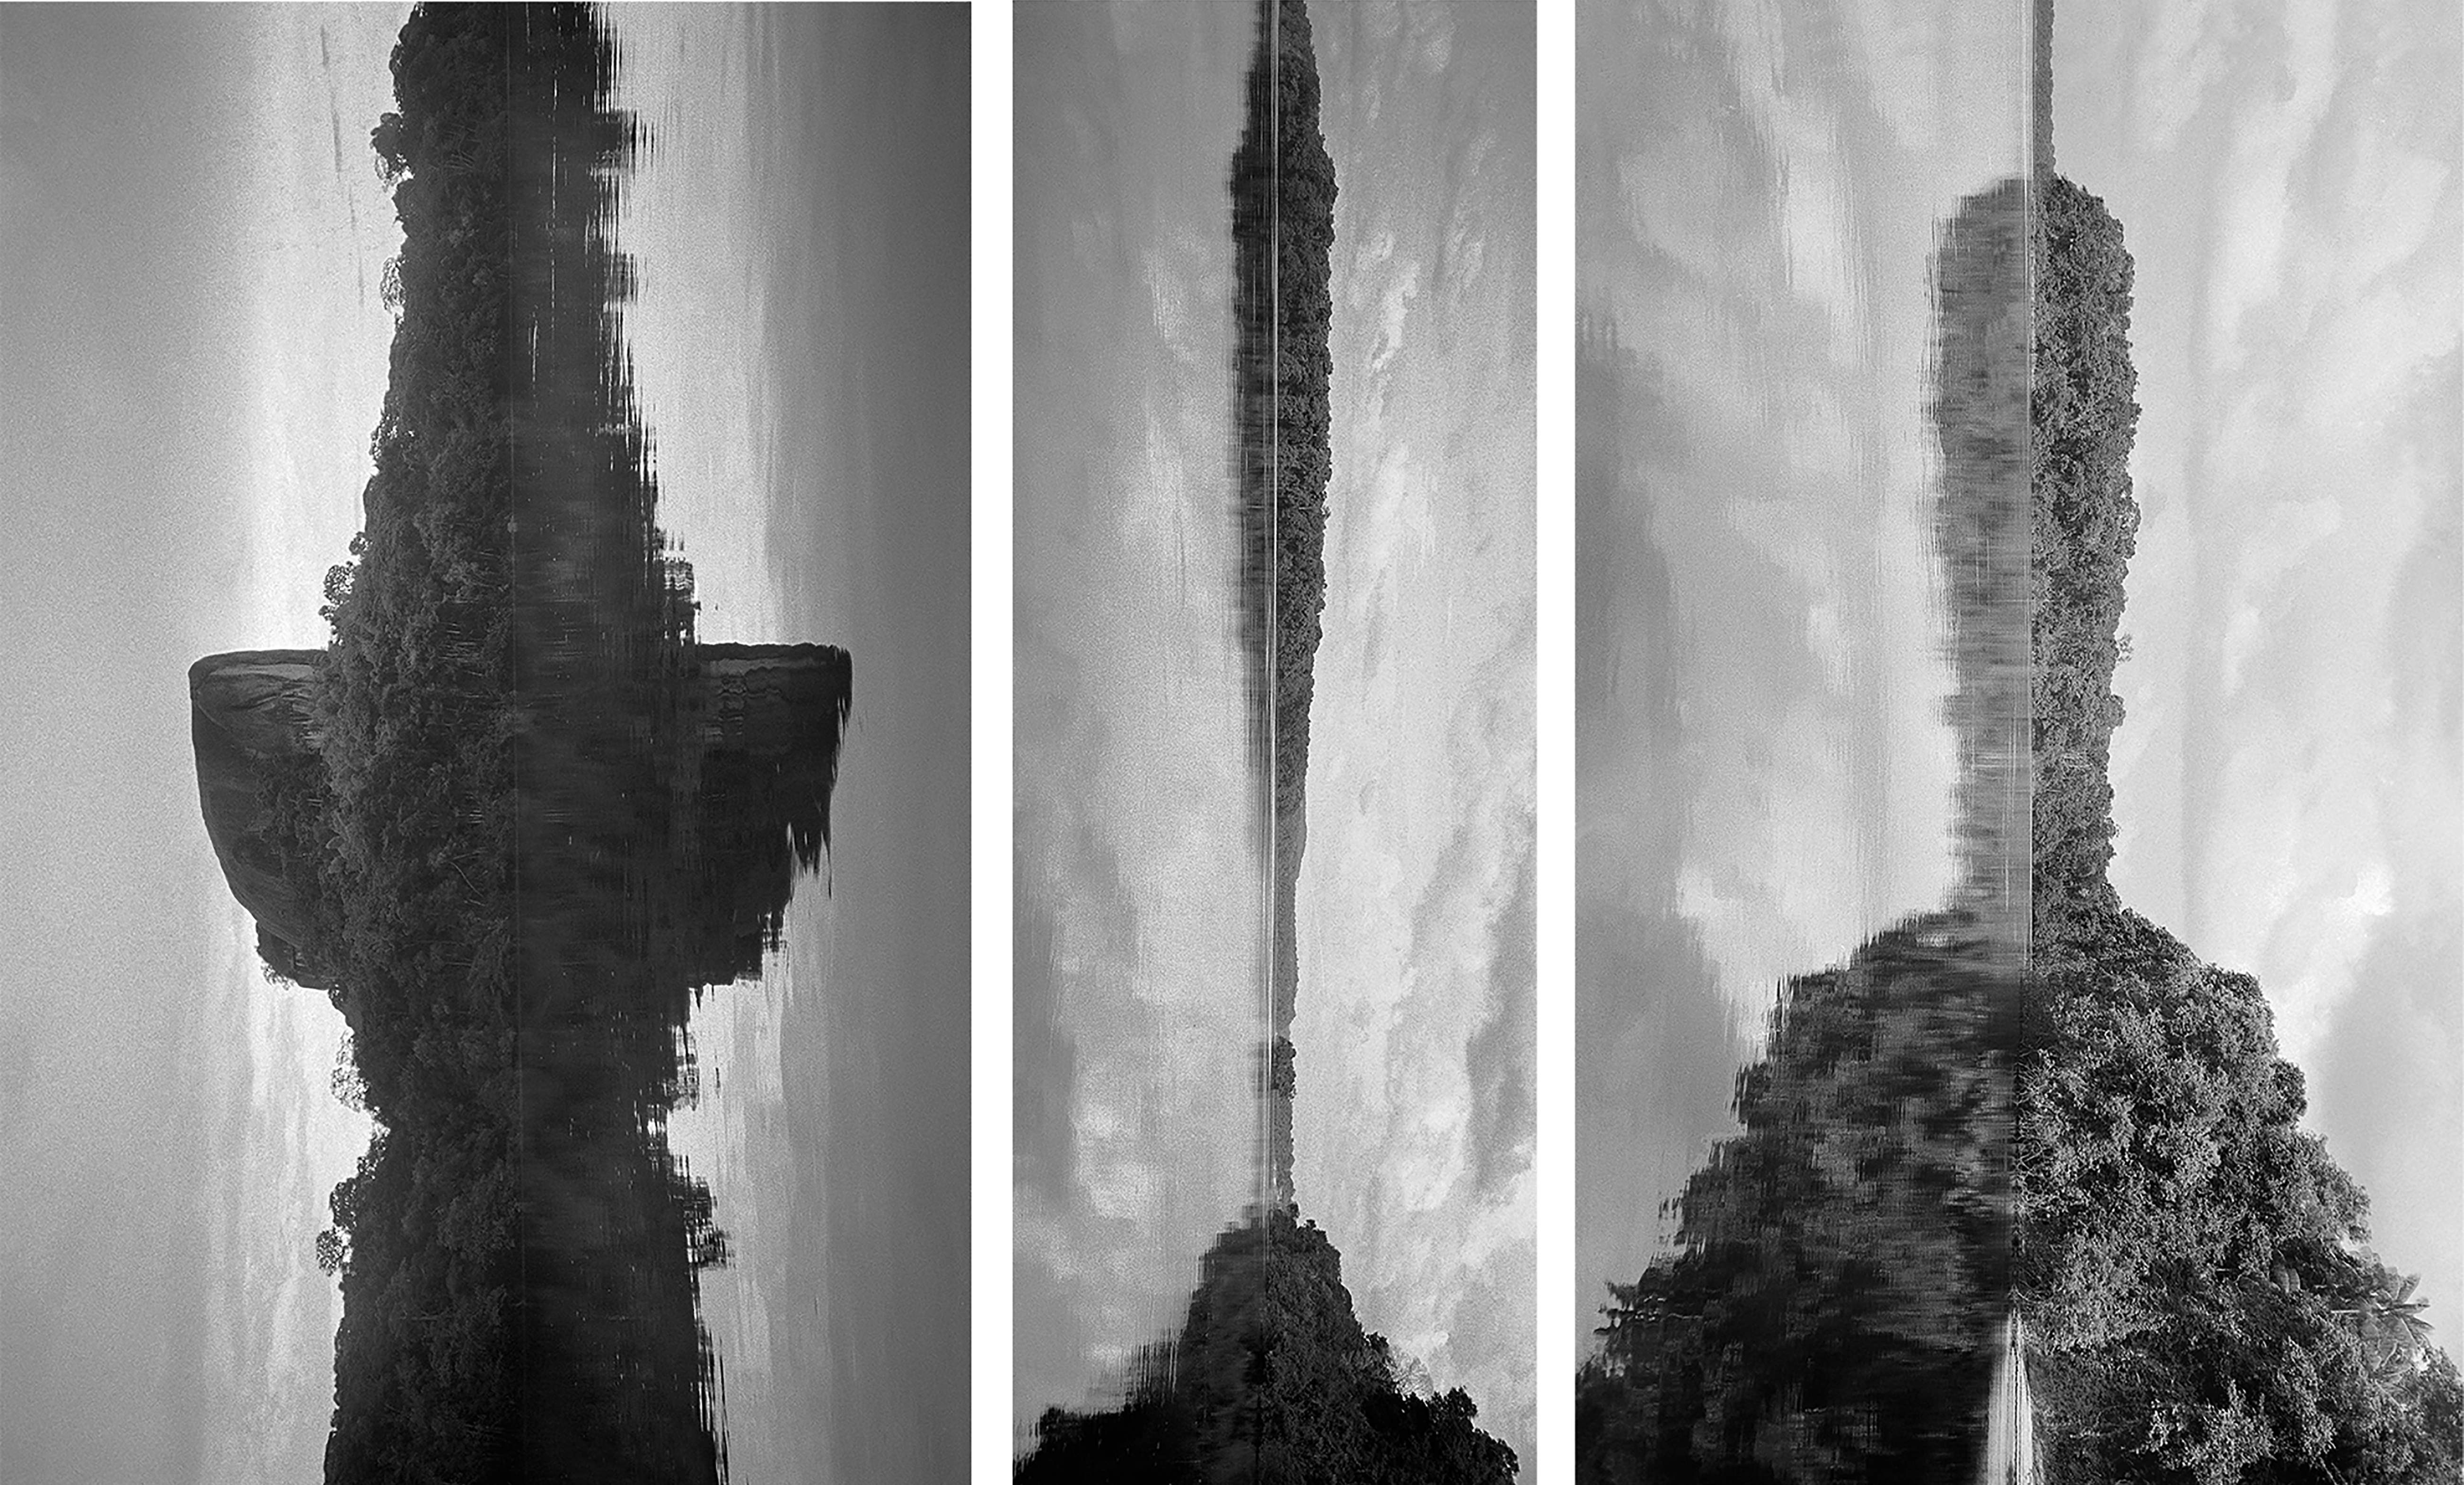 6.- Caliz, Bird in Space, Rocket Nature (1)